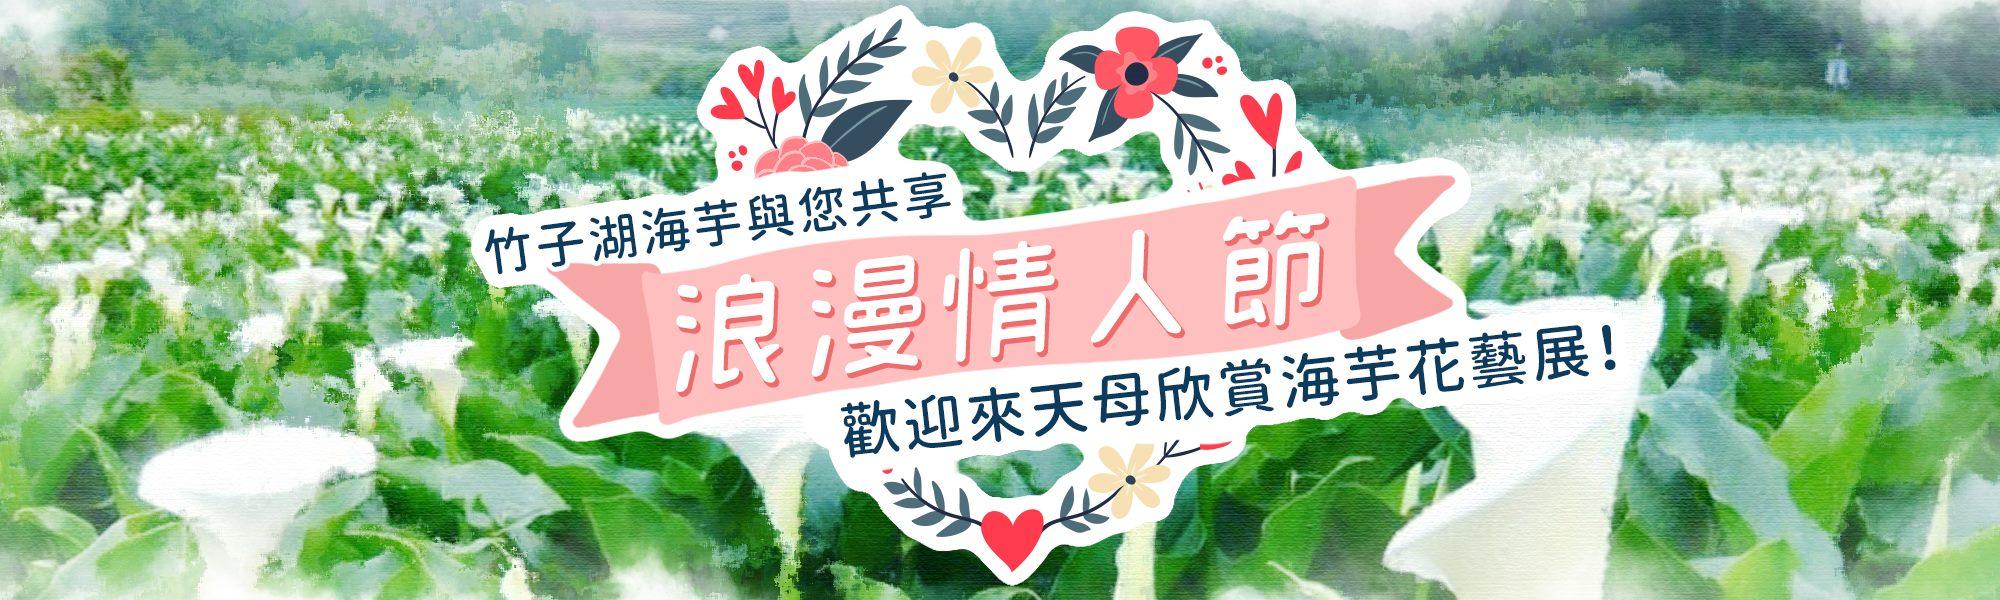 竹子湖海芋與您共享浪漫情人節 歡迎來天母欣賞海芋花藝展!